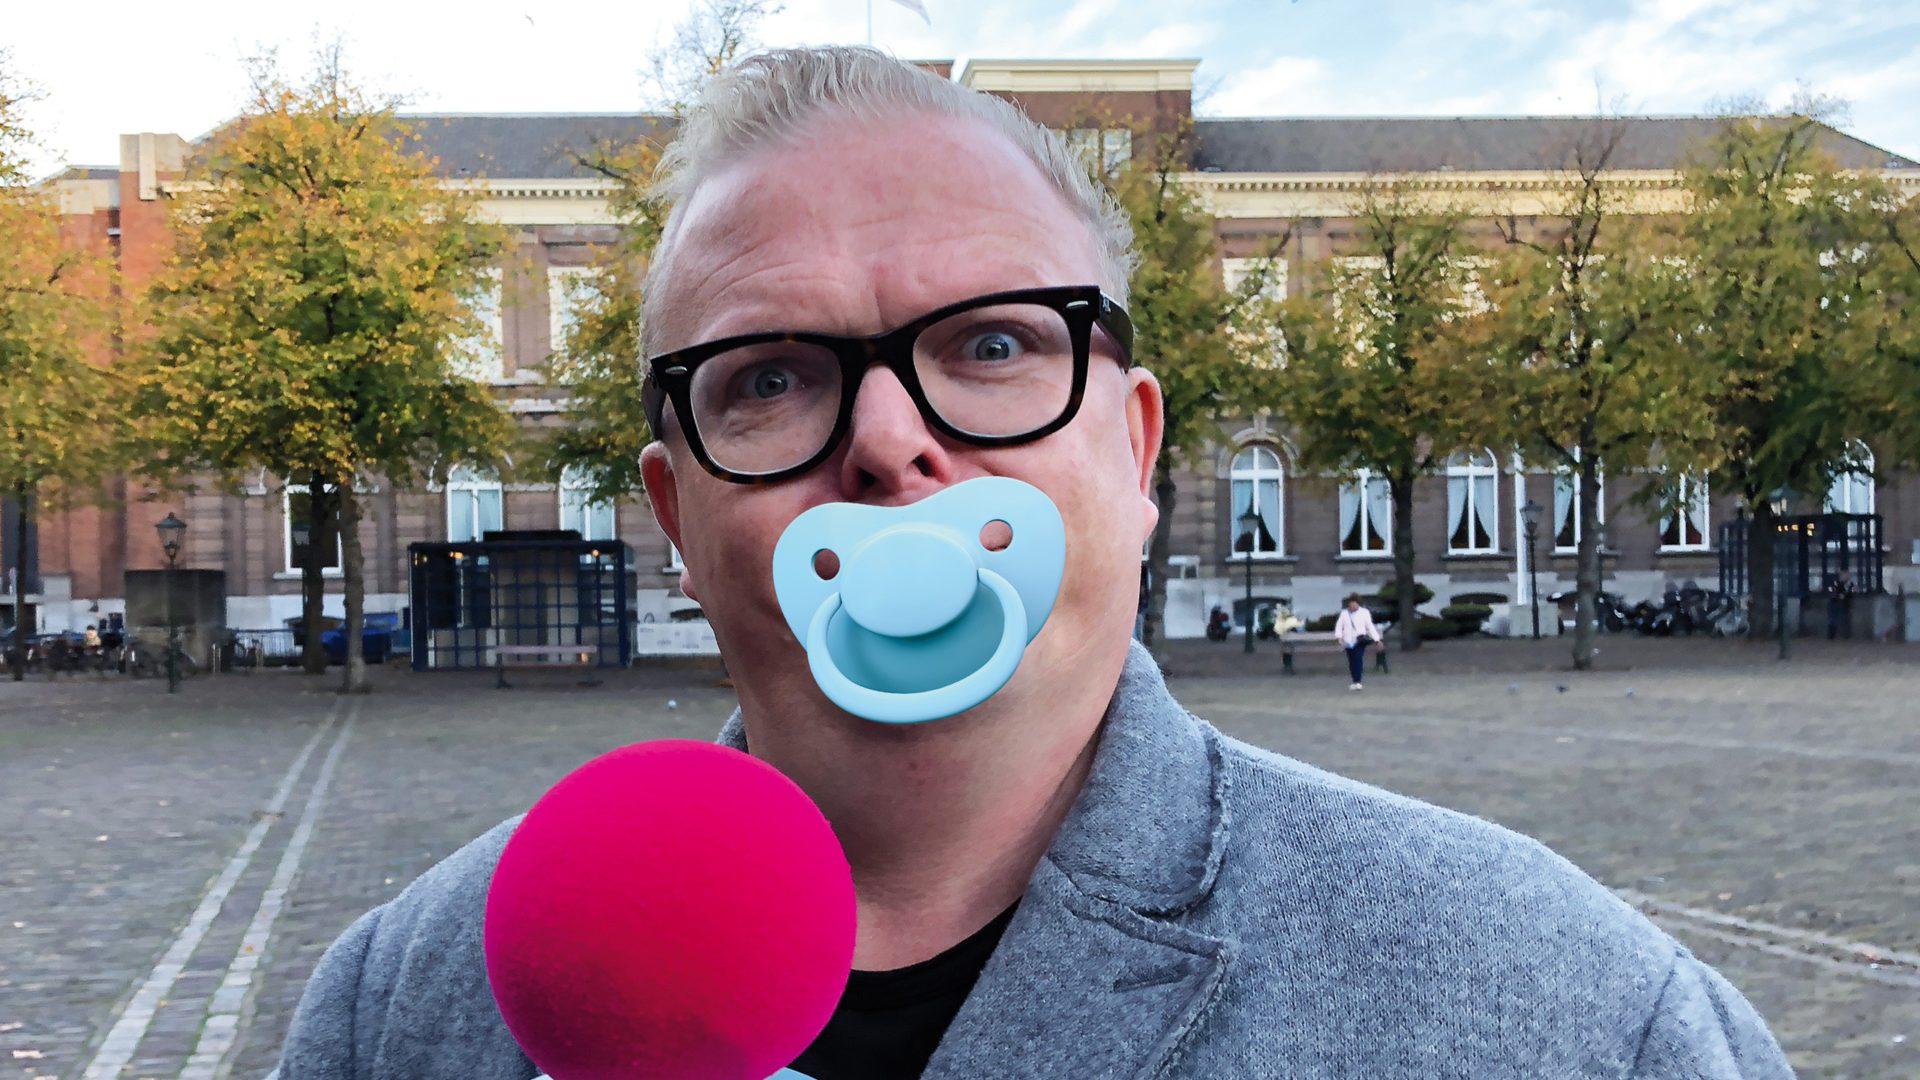 Jan Roos: Gestoord word je van betutteling in Nee-derland!